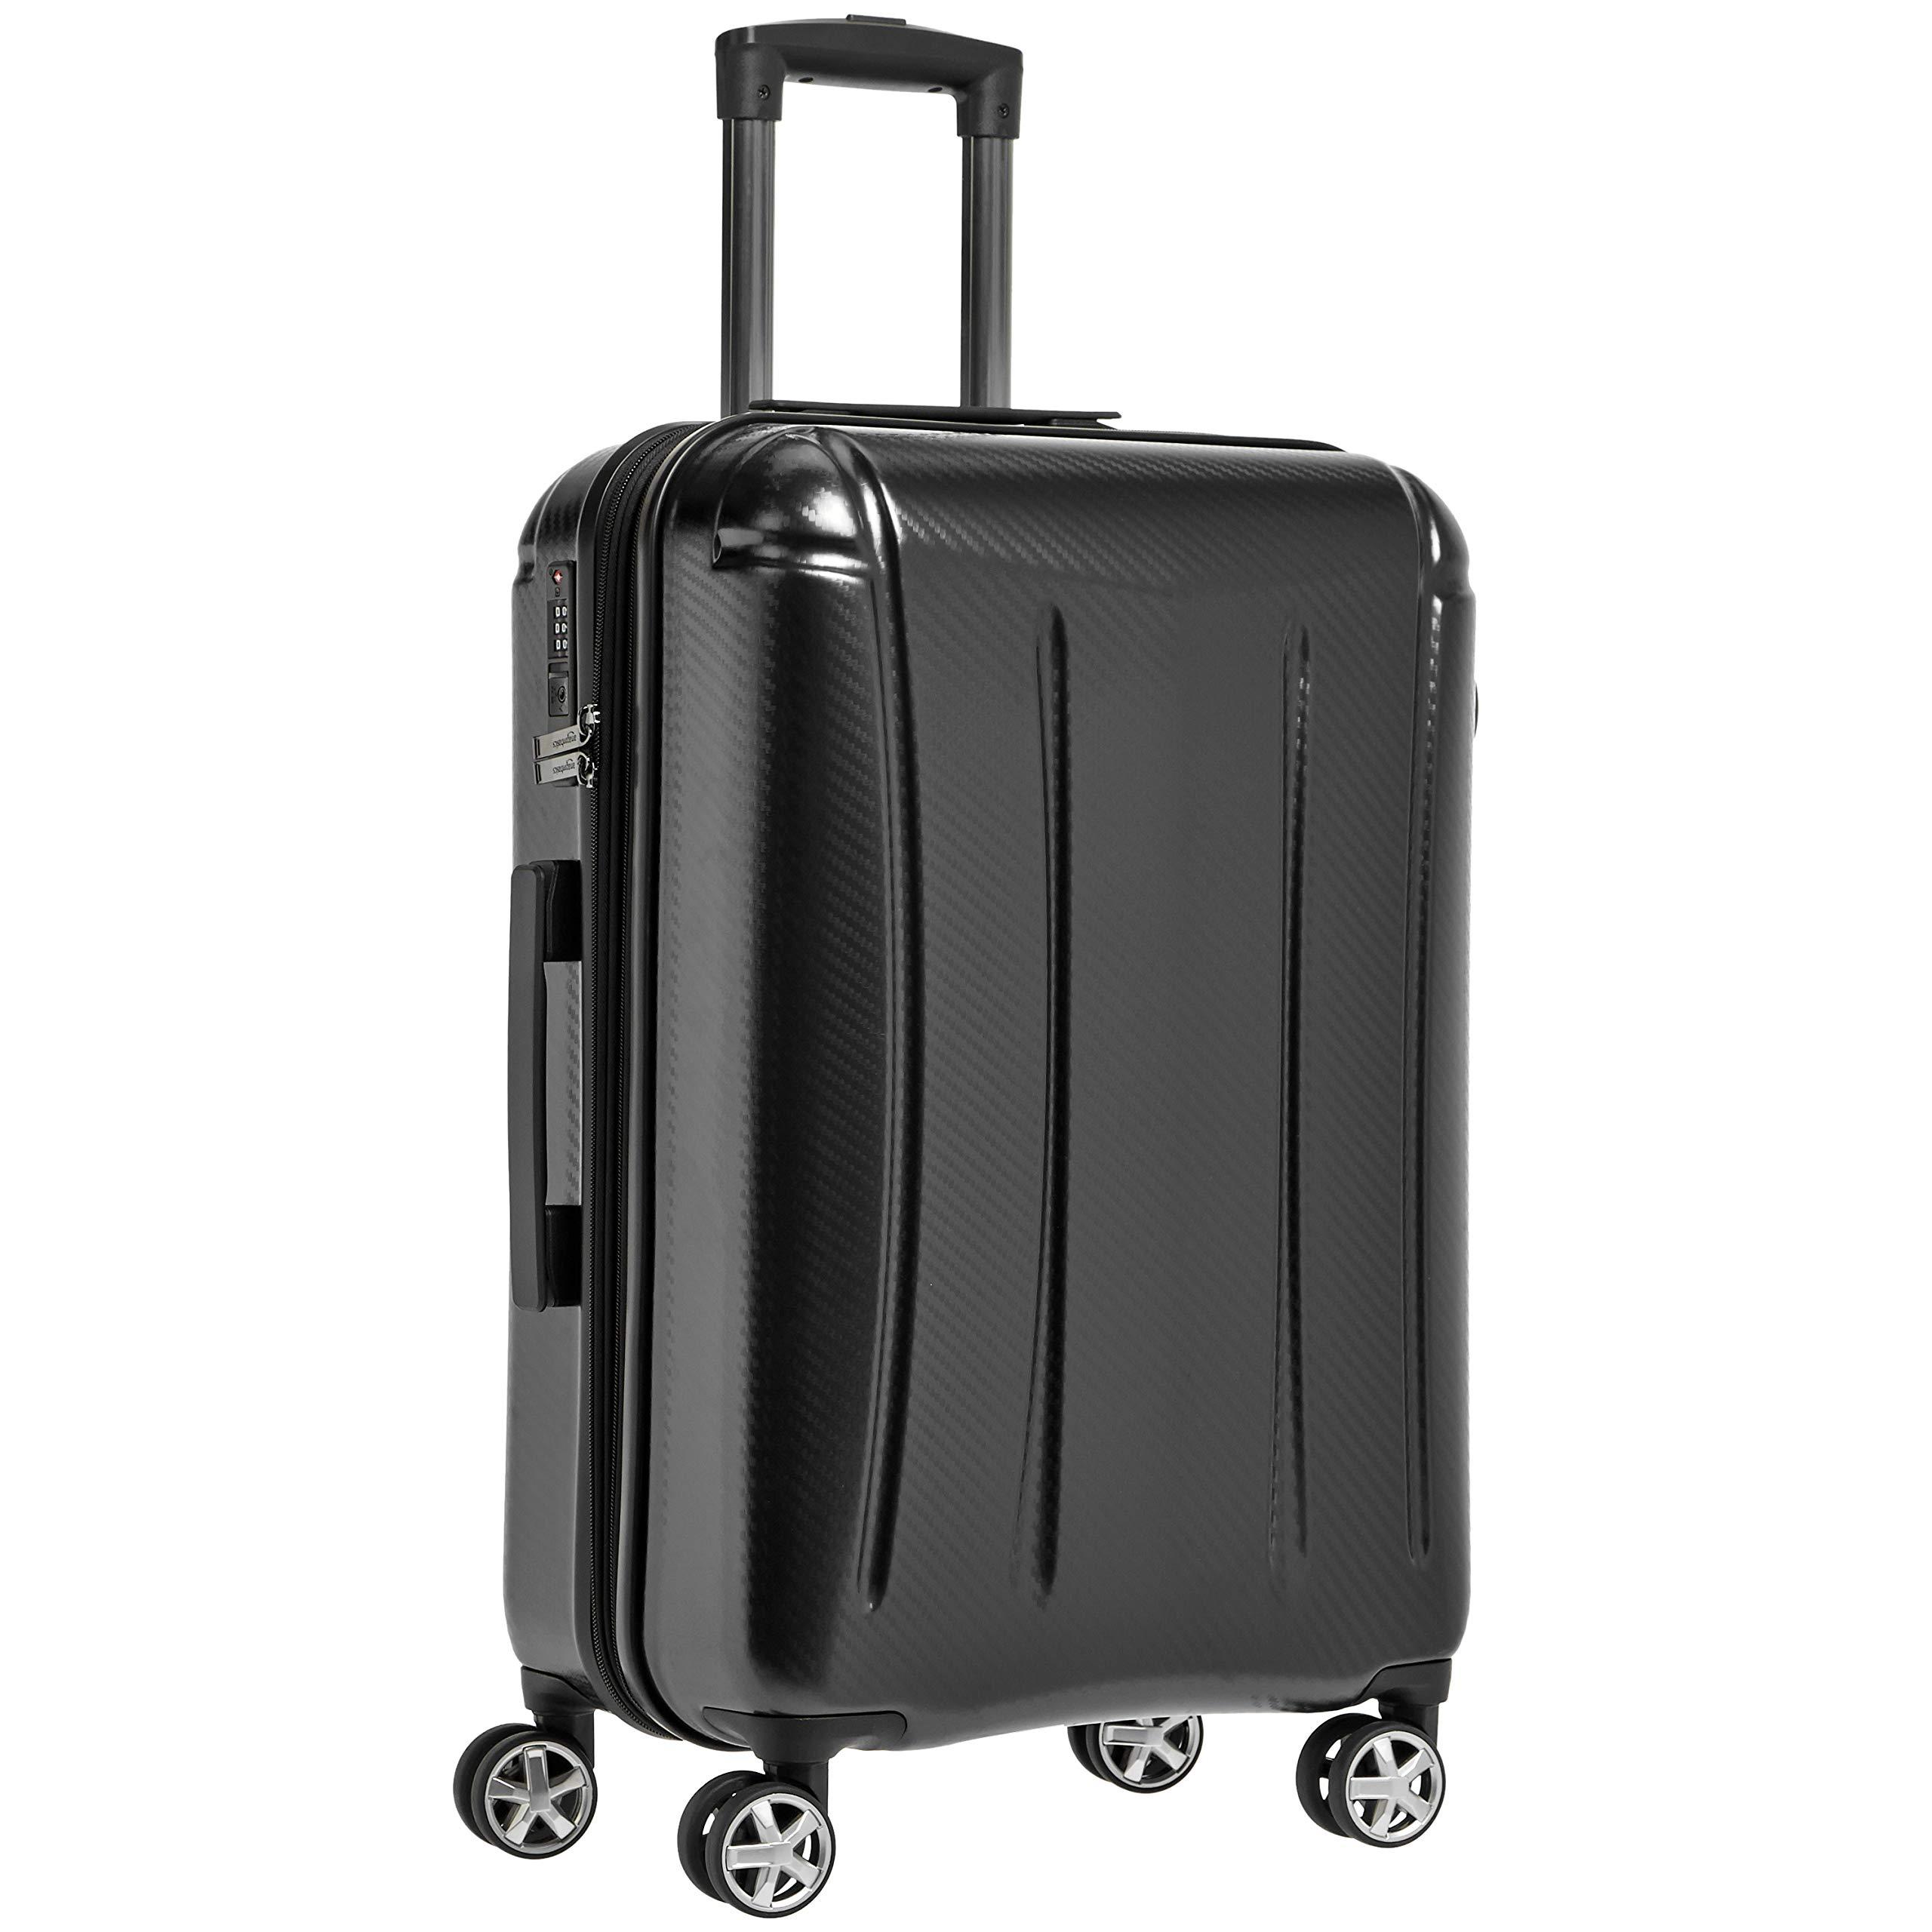 AmazonBasics Oxford Luggage Expandable Suitcase with TSA Lock Spinner, 28-Inch, Black